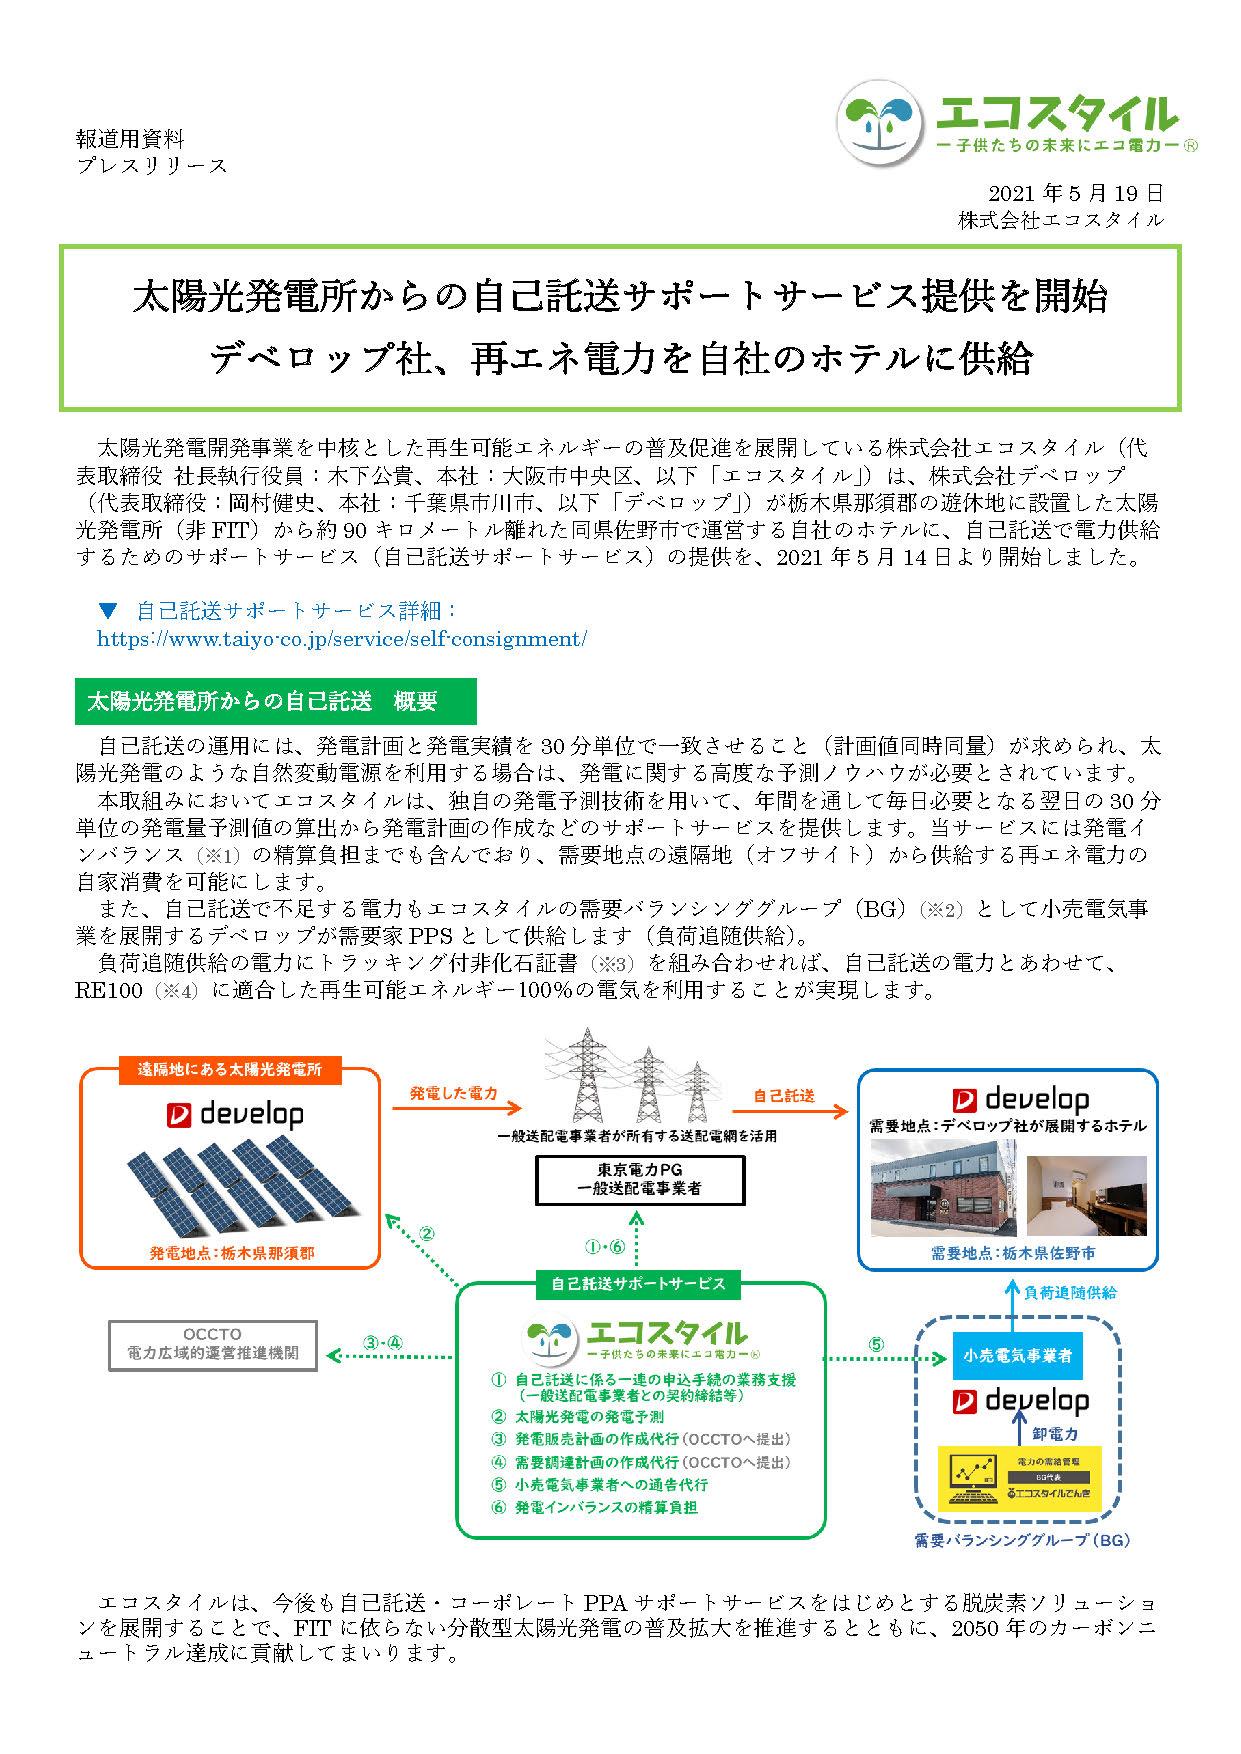 大阪ガスとの非FIT太陽光電力卸供給契約